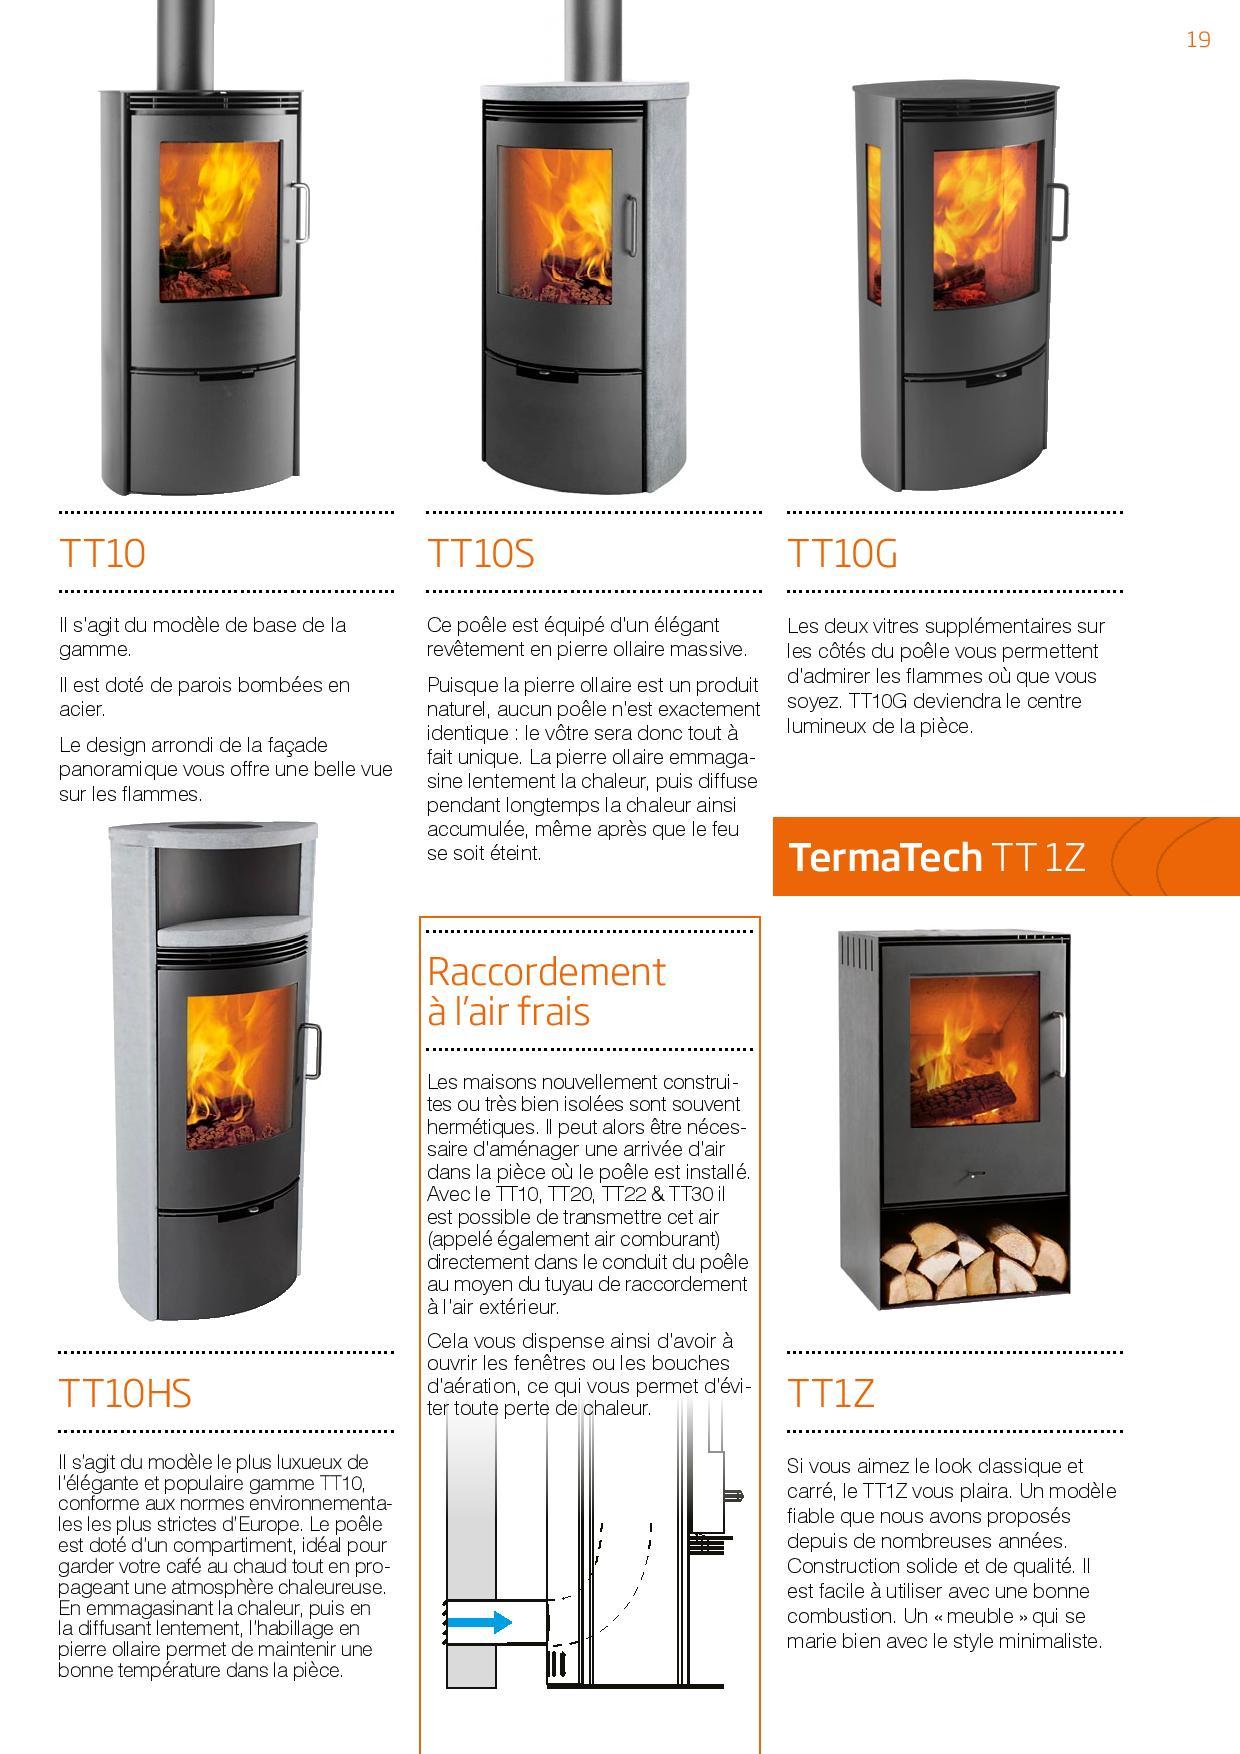 Poêle à bois TermaTech 2016 modèle TT10